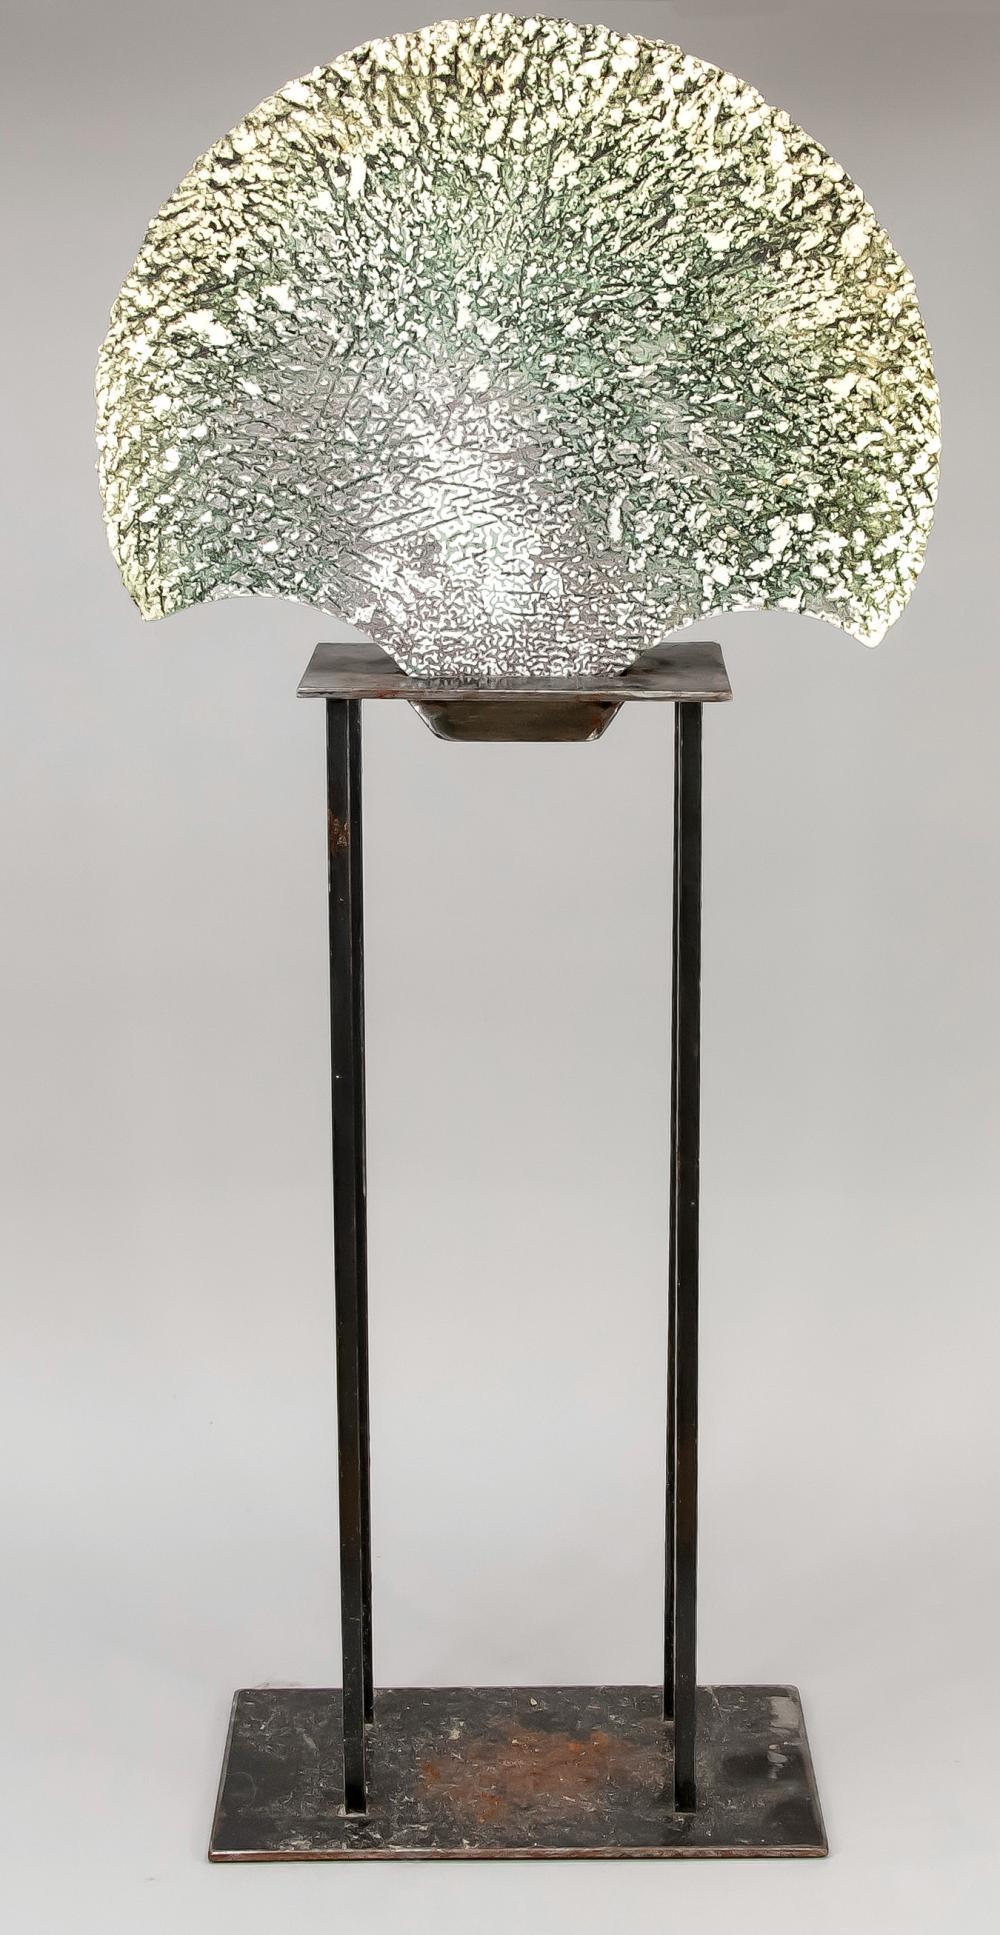 Unidentified contemporary scul